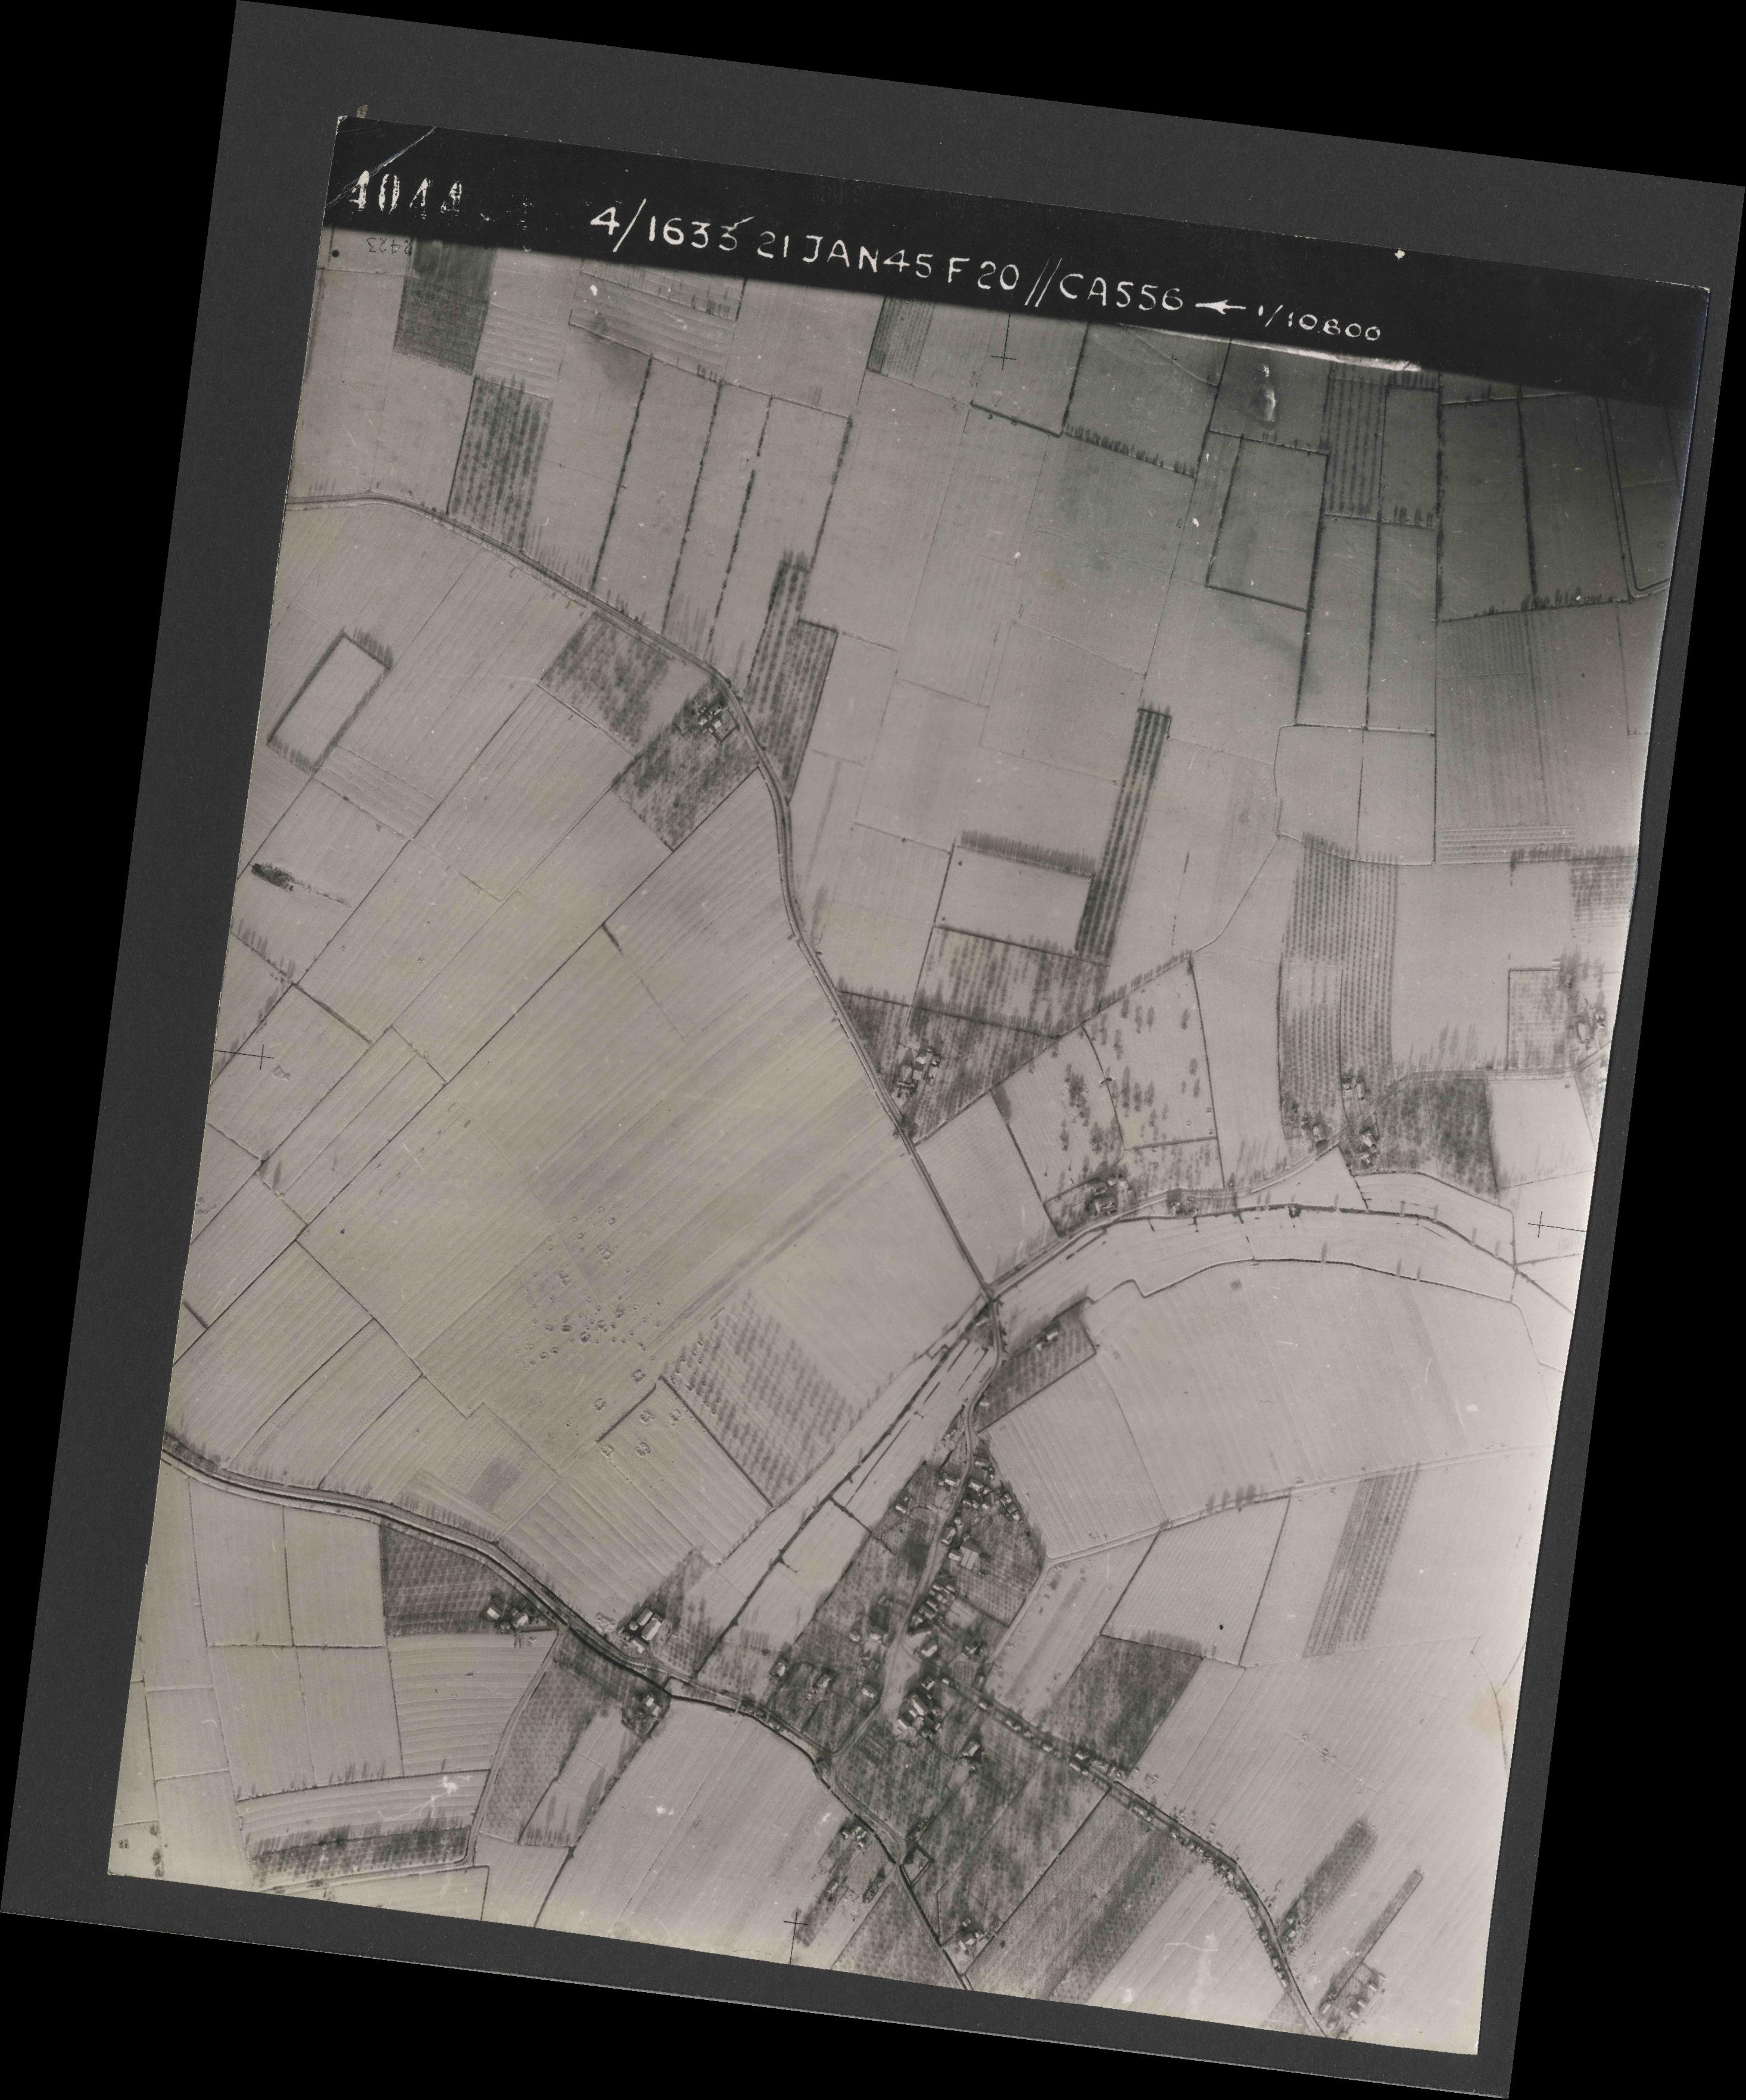 Collection RAF aerial photos 1940-1945 - flight 202, run 02, photo 4044